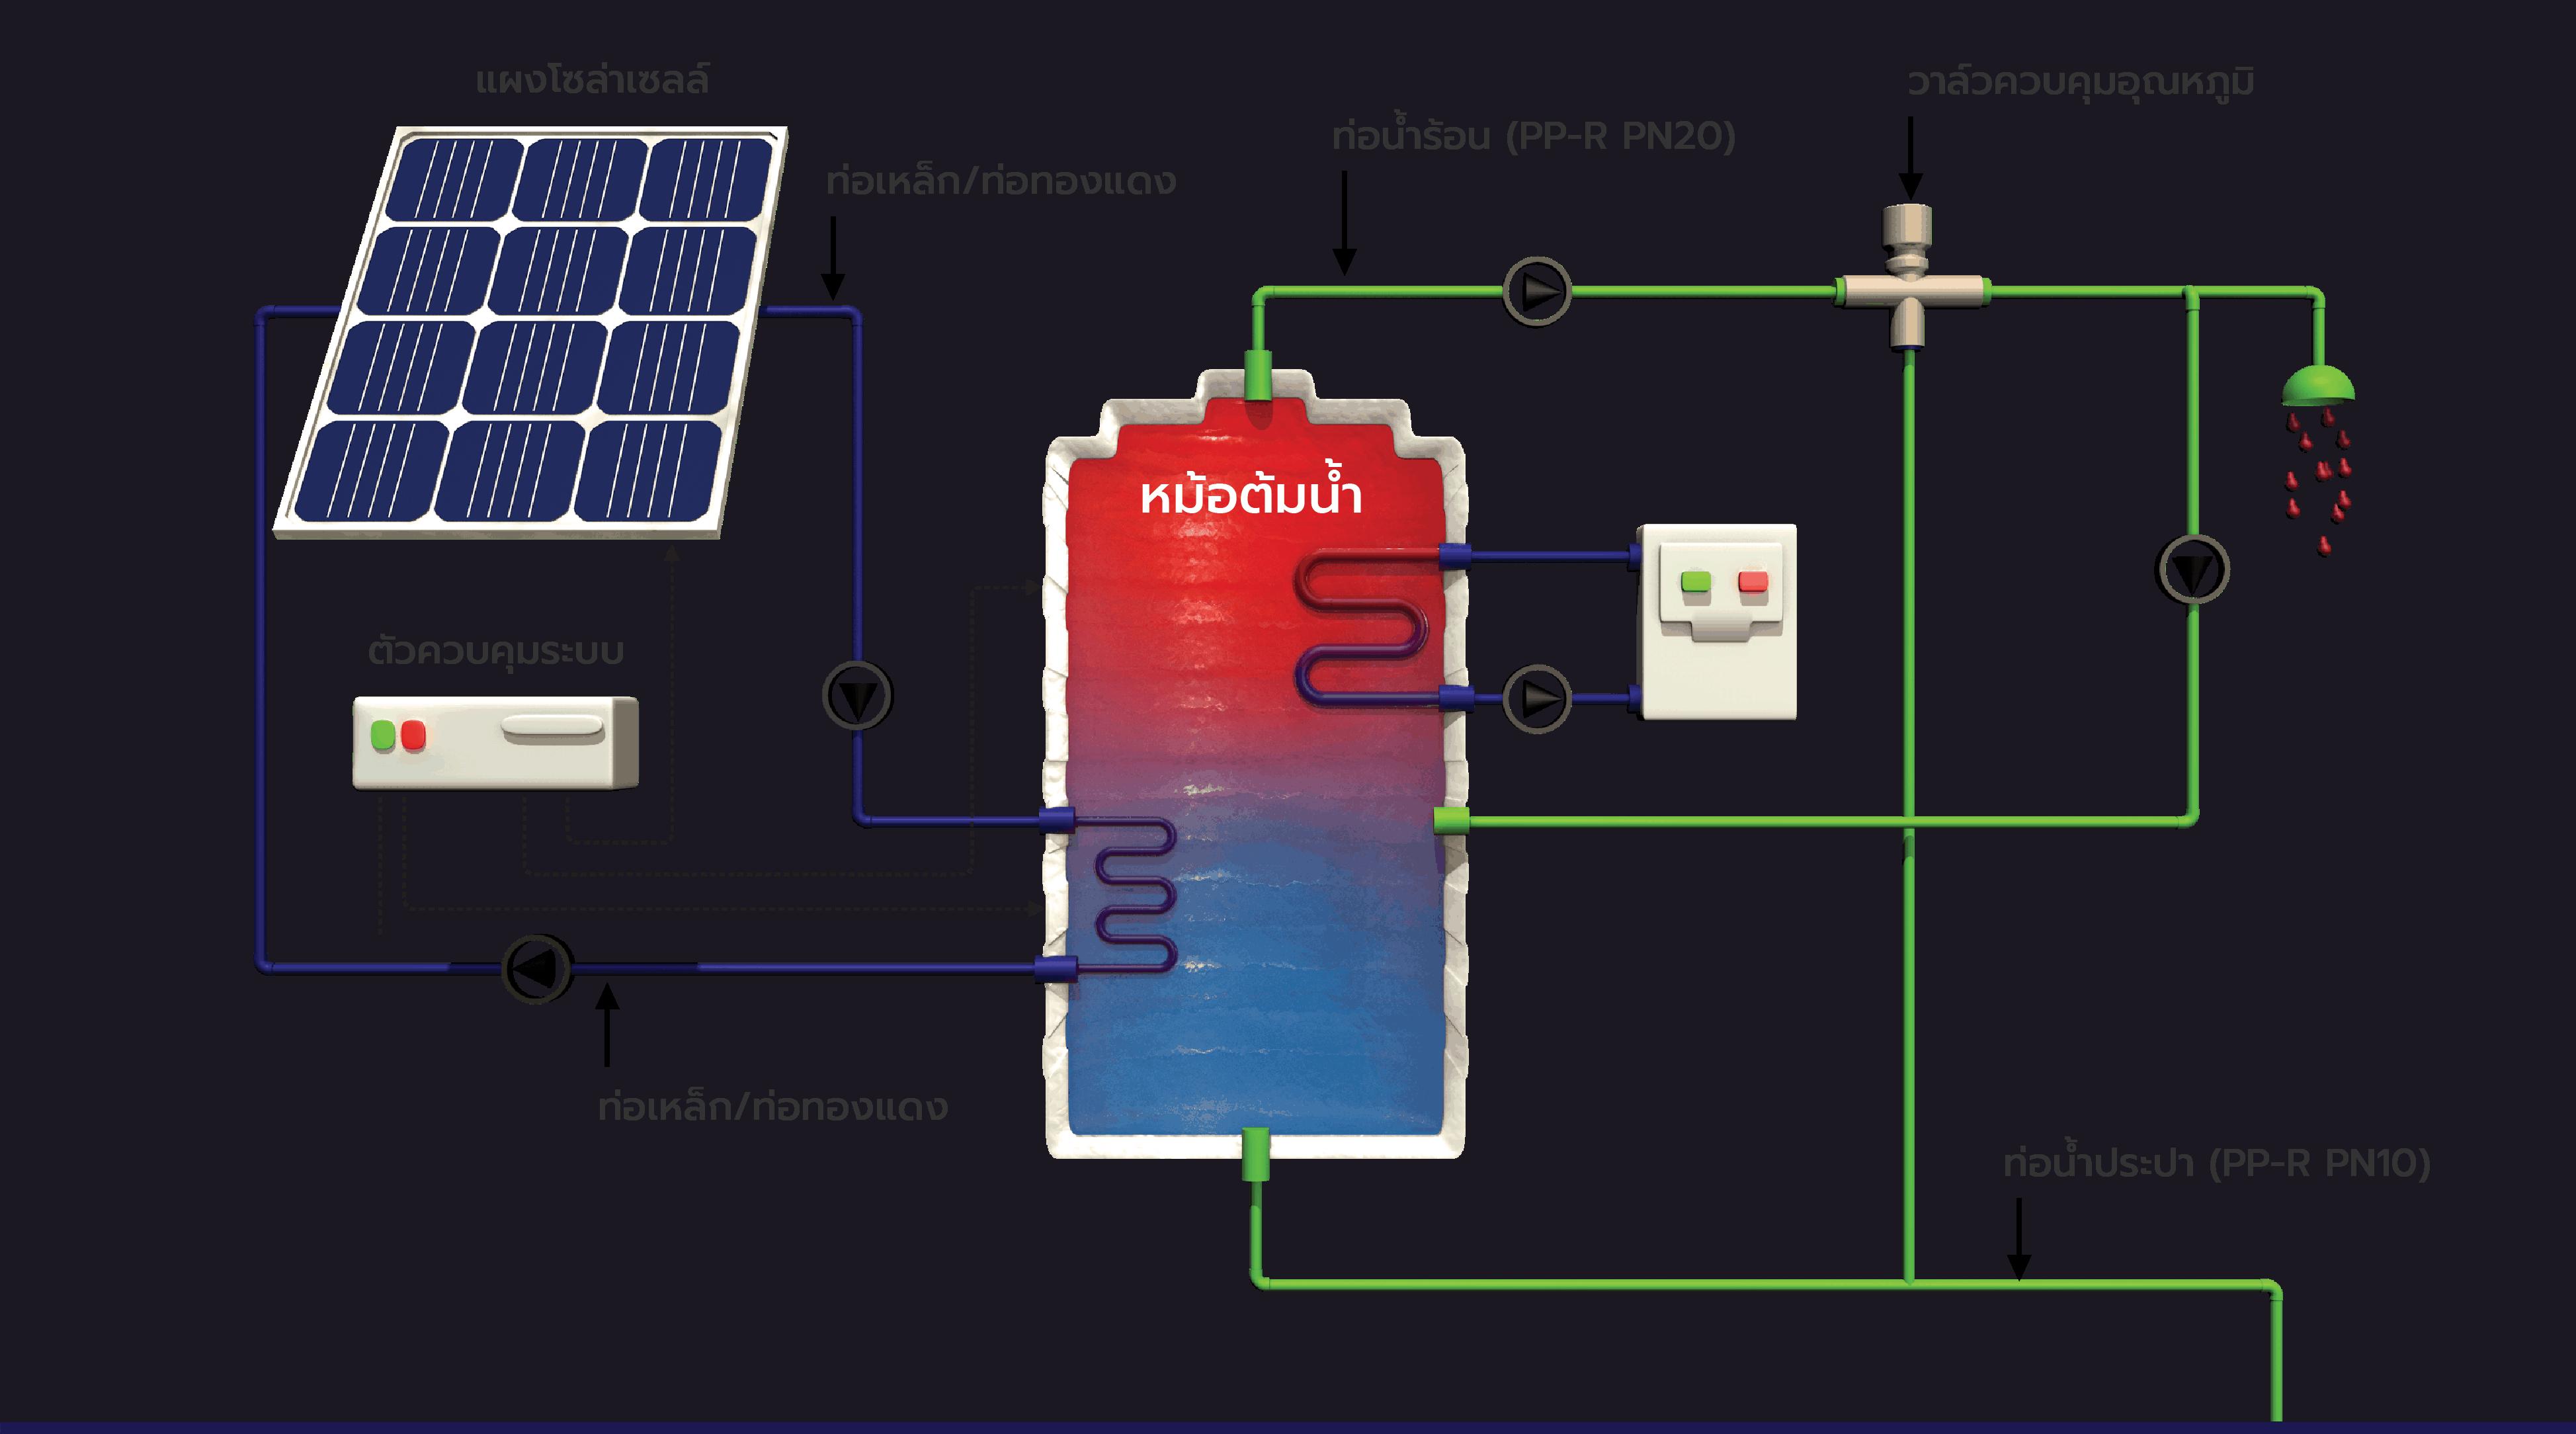 ระบบการเดินท่อสำหรับเครื่องทำน้ำร้อนแบบ Solar Cell